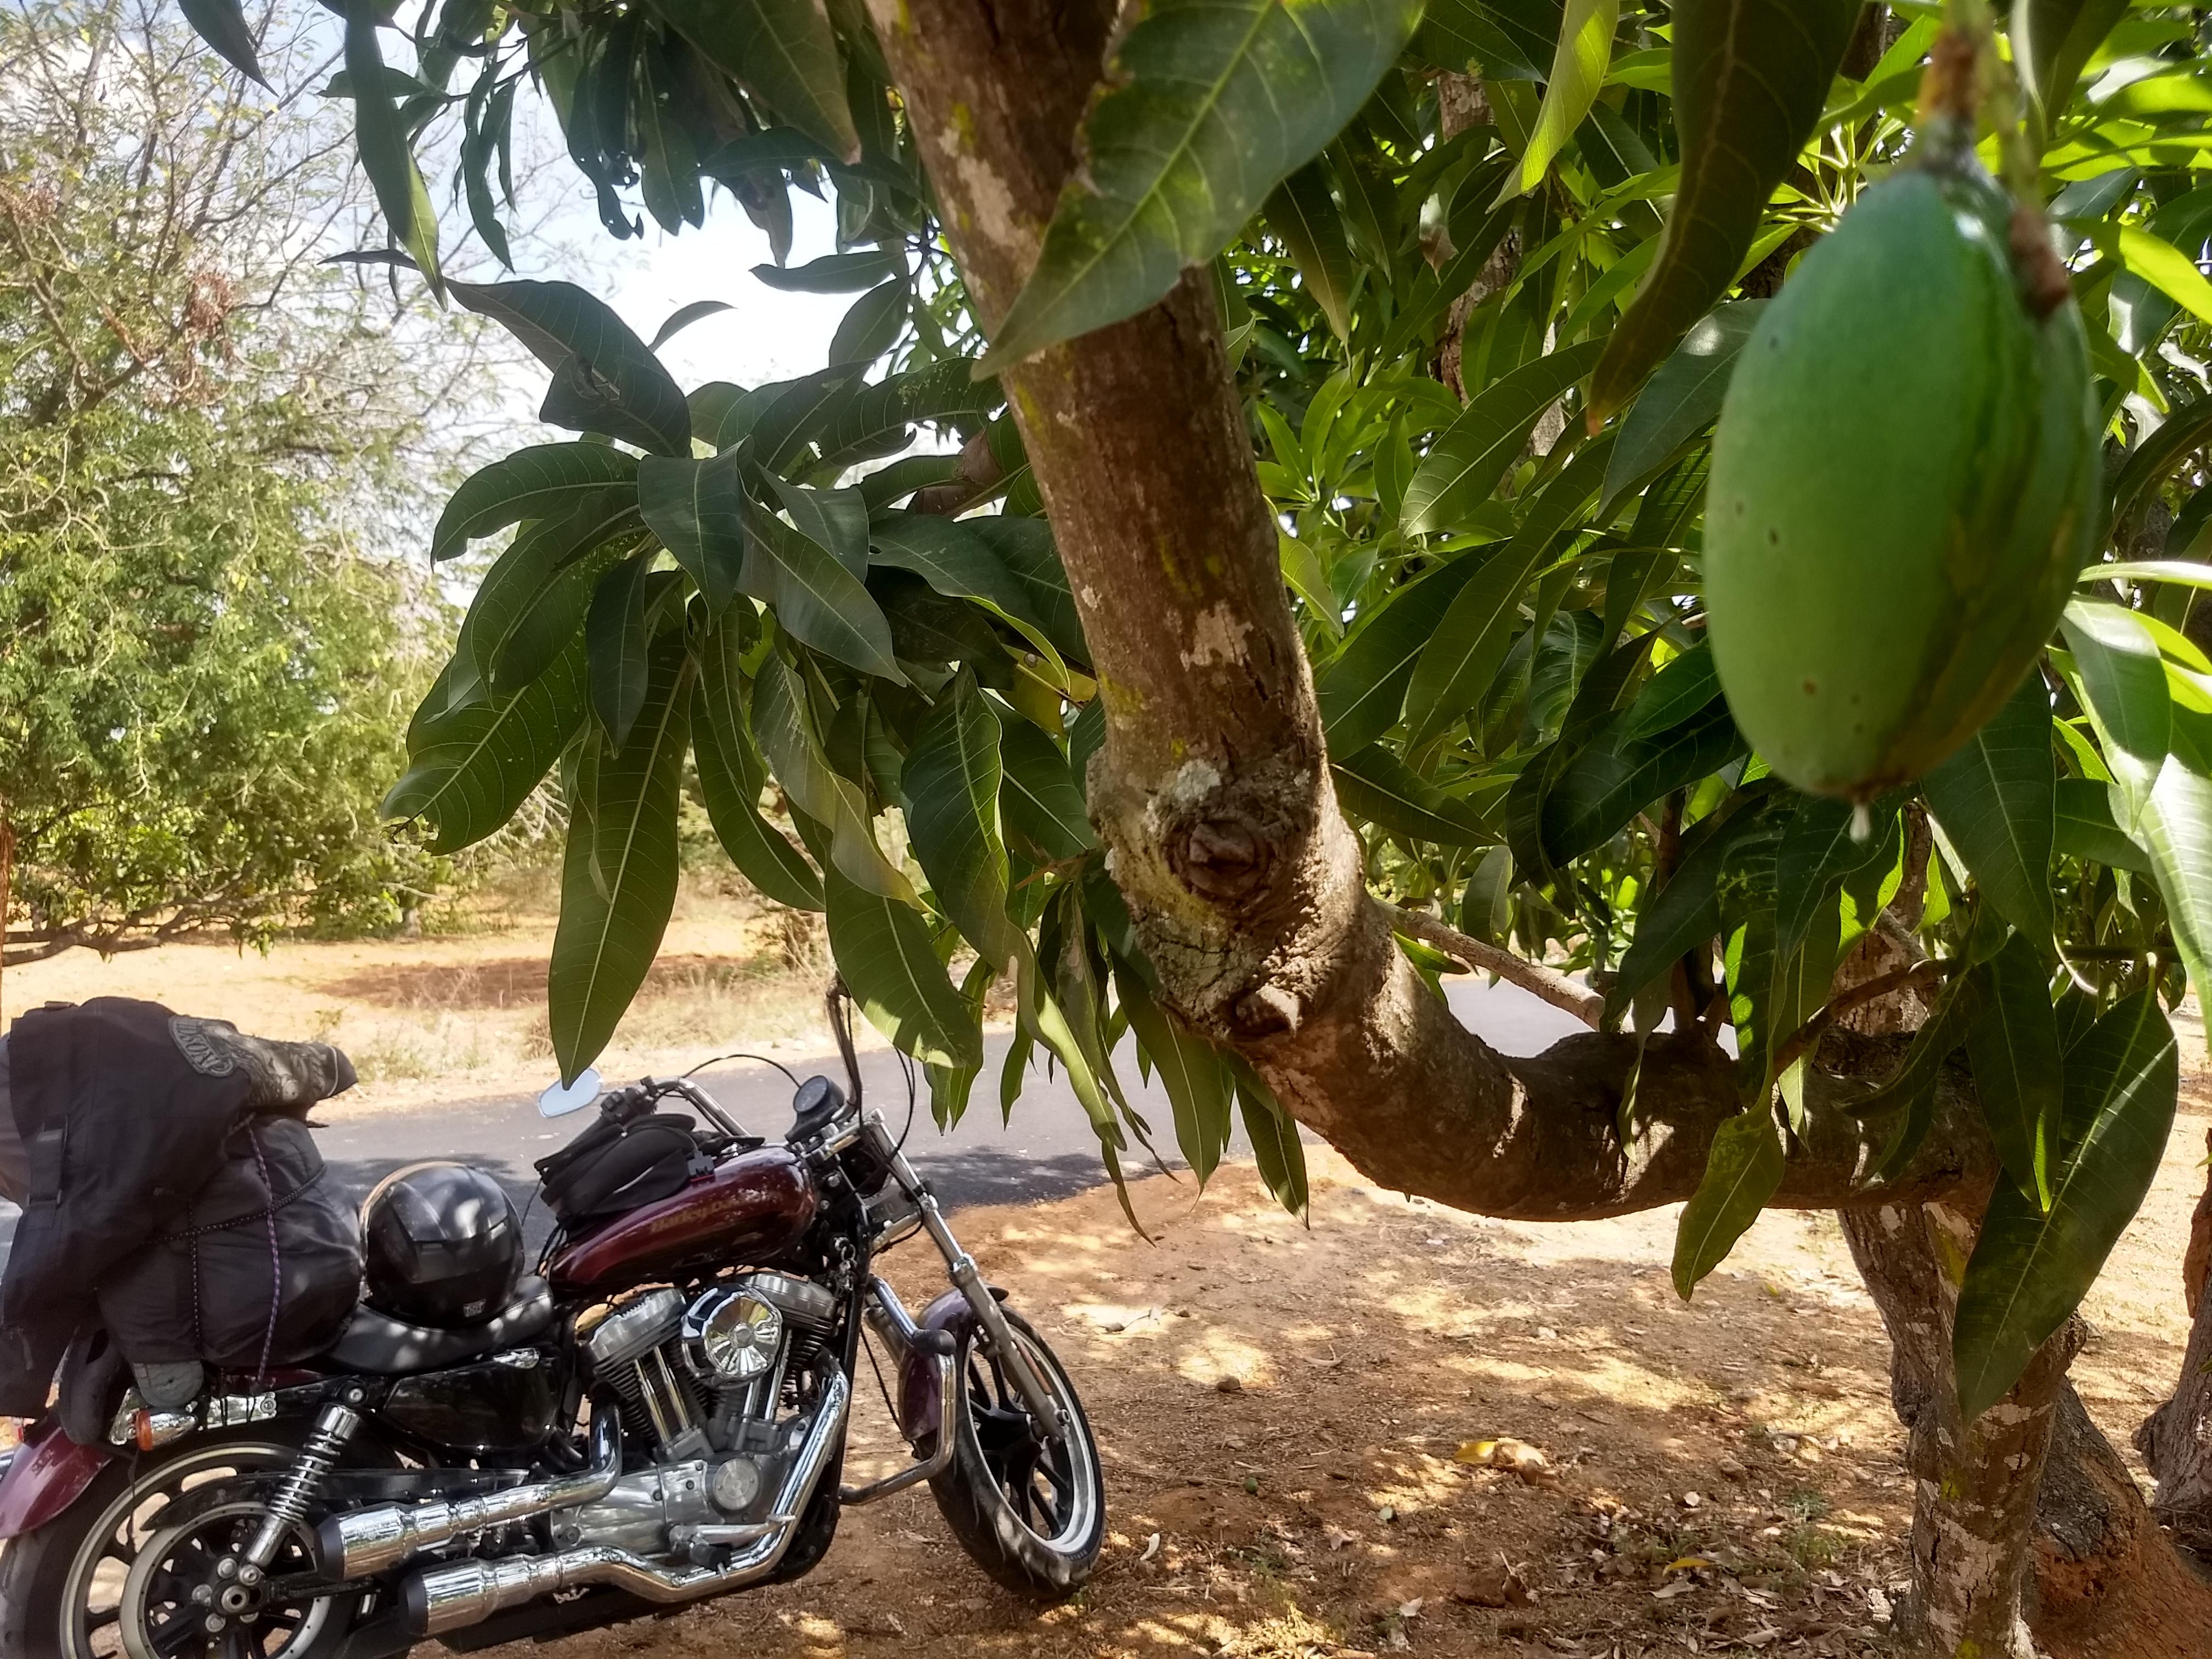 Ride Image by Vikram Bhaskaran